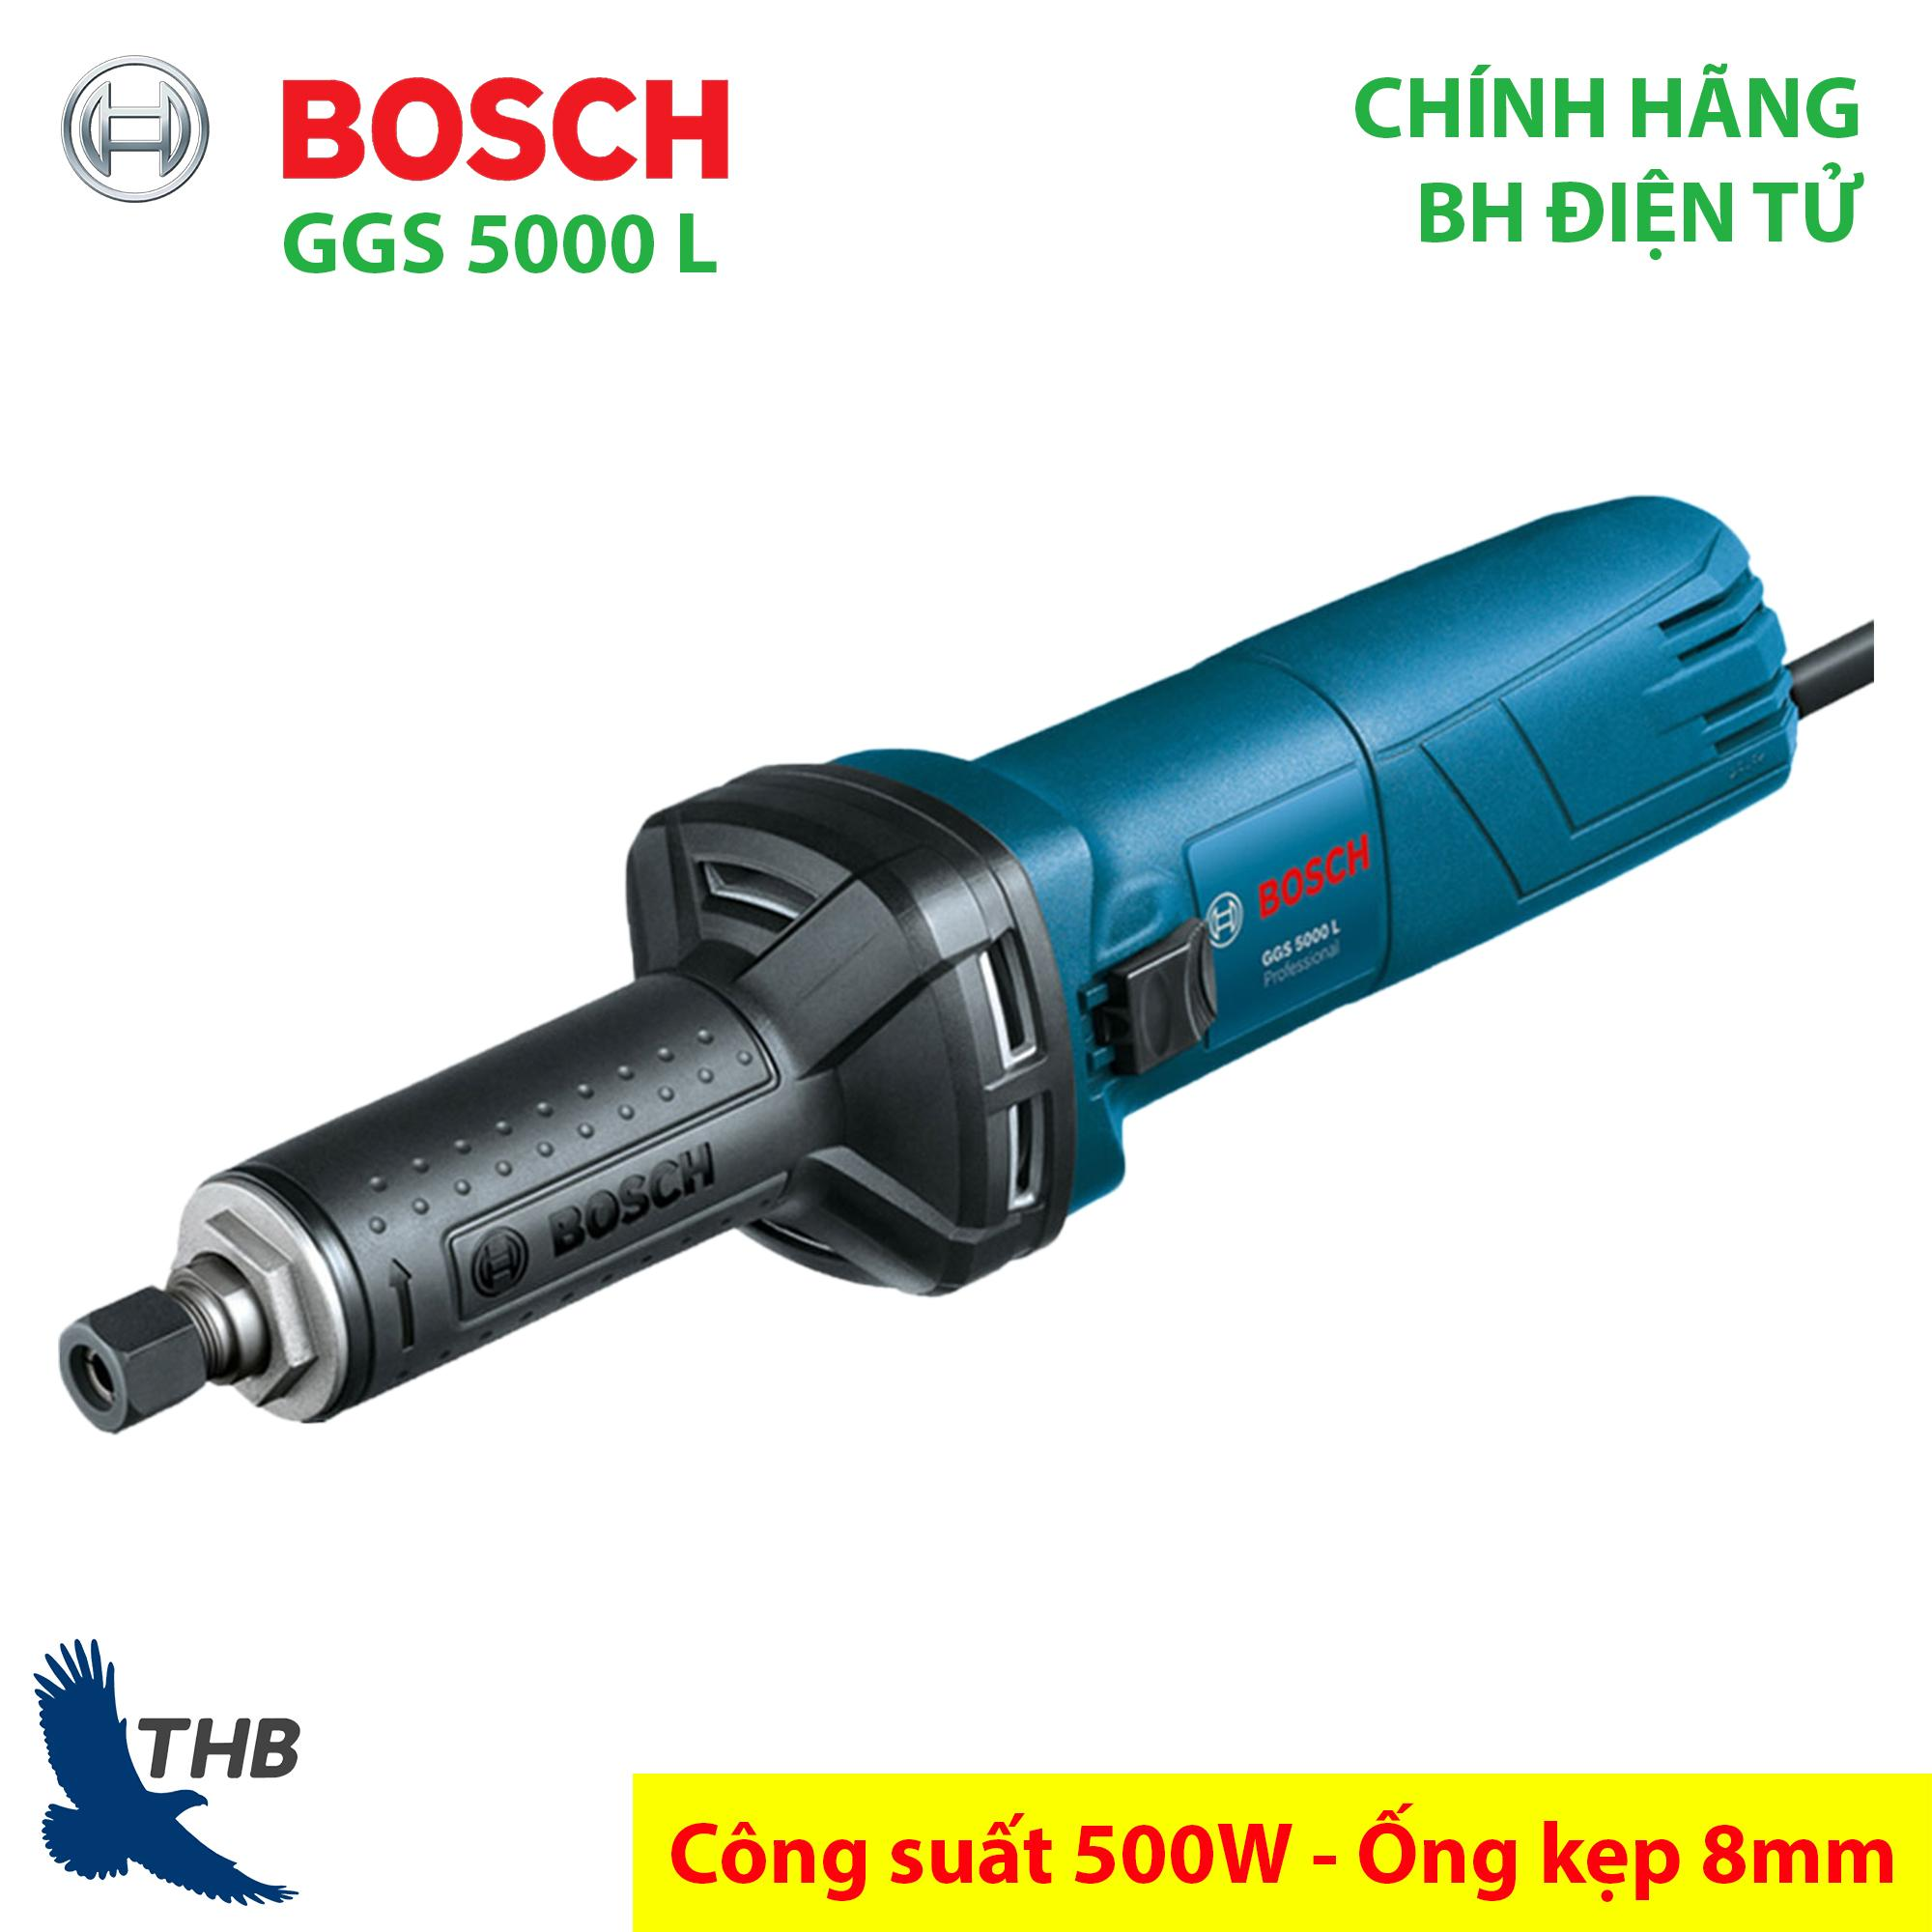 Máy mài lỗ Máy mài thẳng chính hãng Bosch GGS 5000 L Công suất 500W Ống kẹp 8mm Bảo hành điện tử 6 tháng